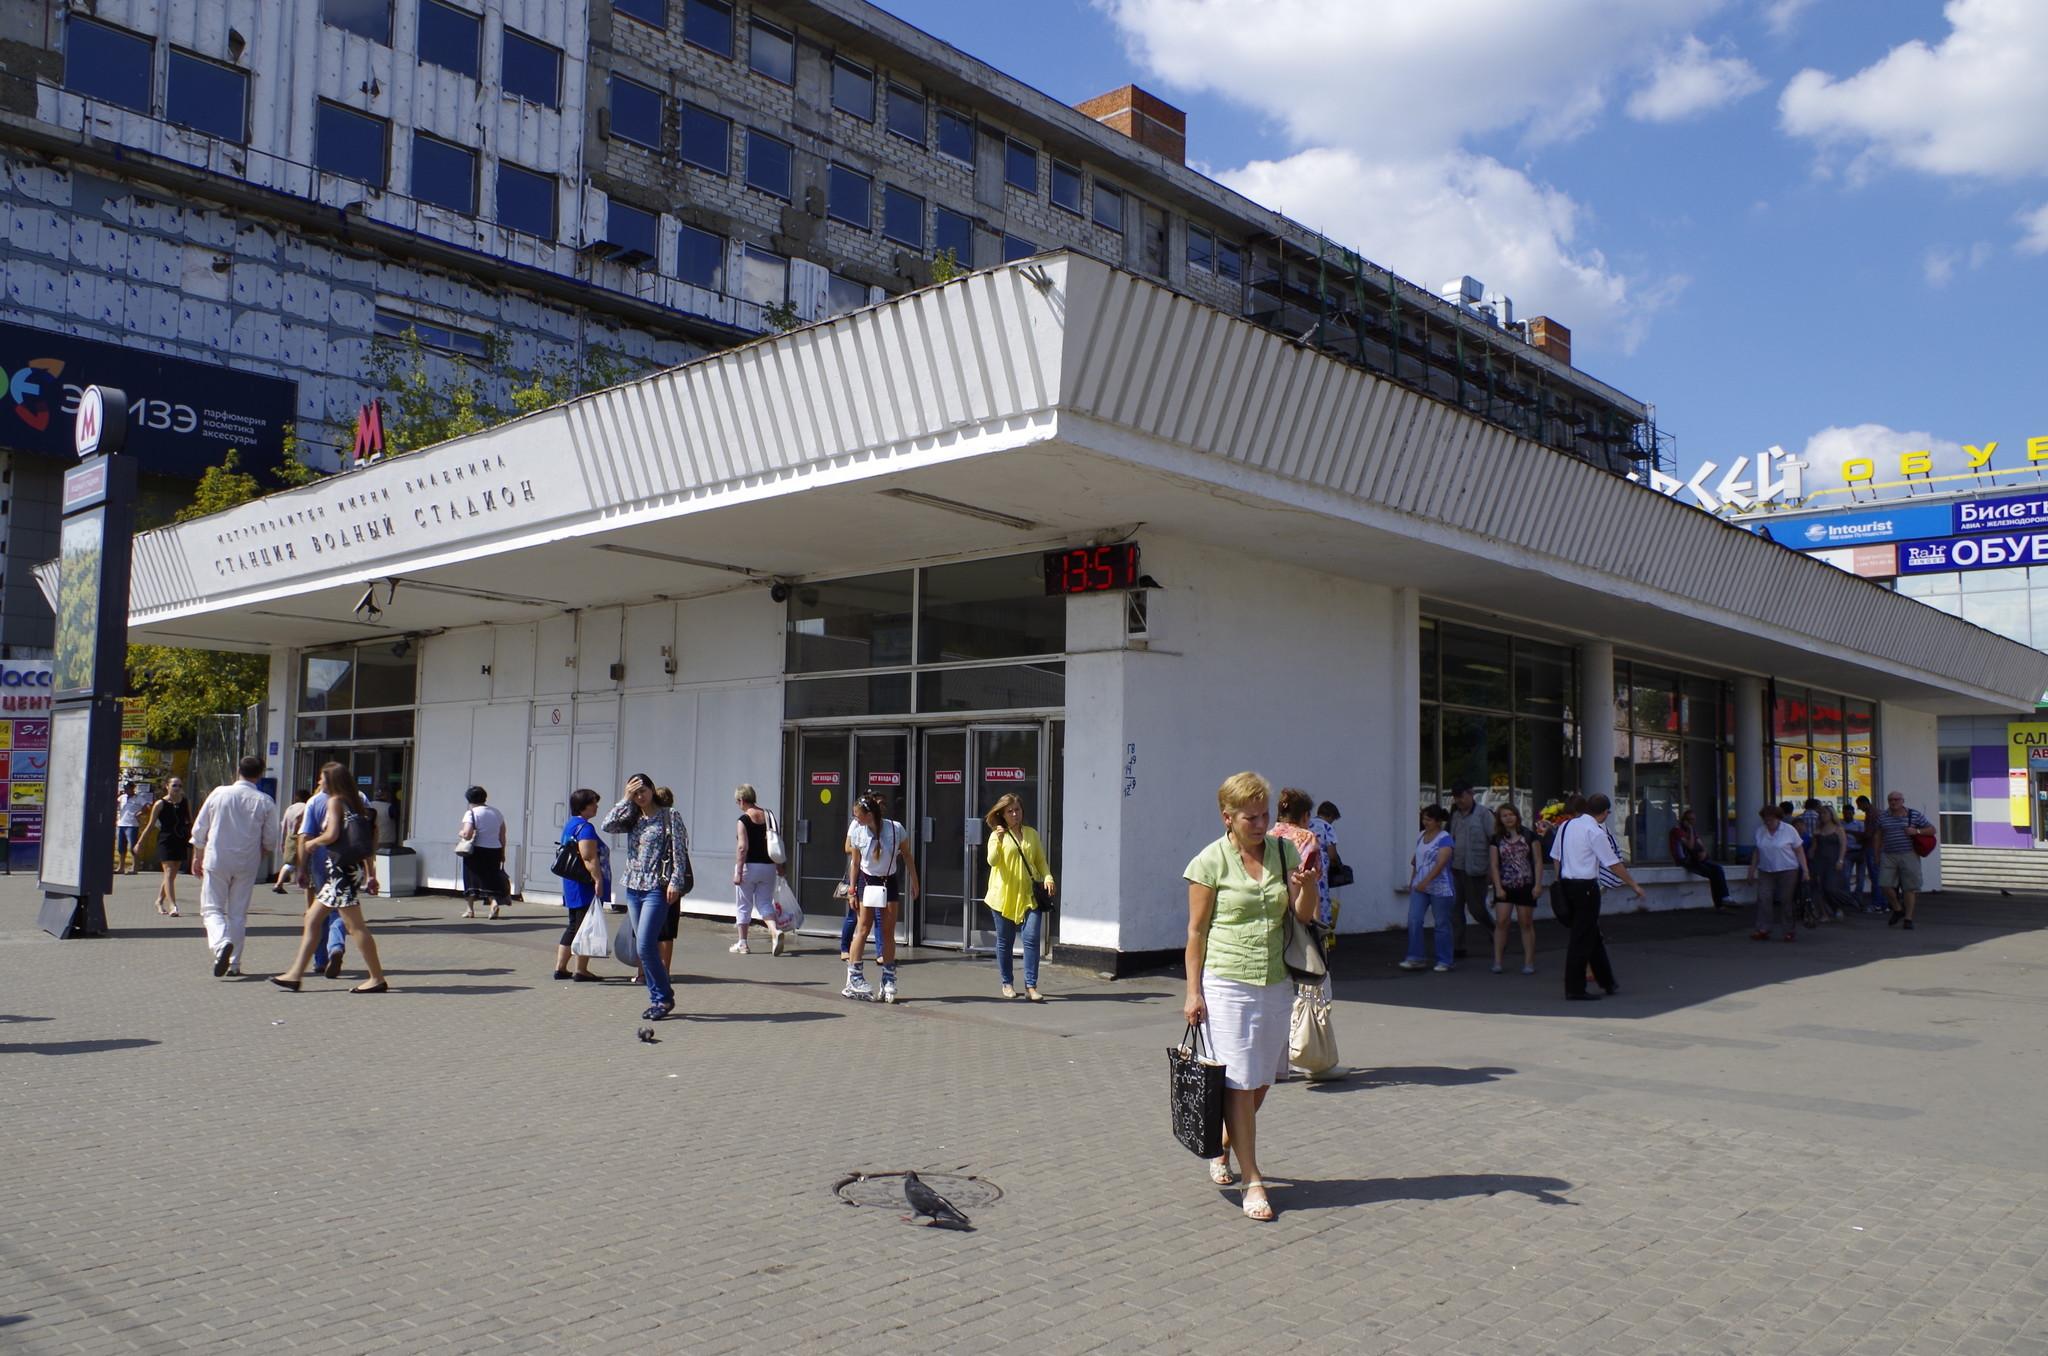 «Водный стадион» - станция Замоскворецкой линии Московского метрополитена